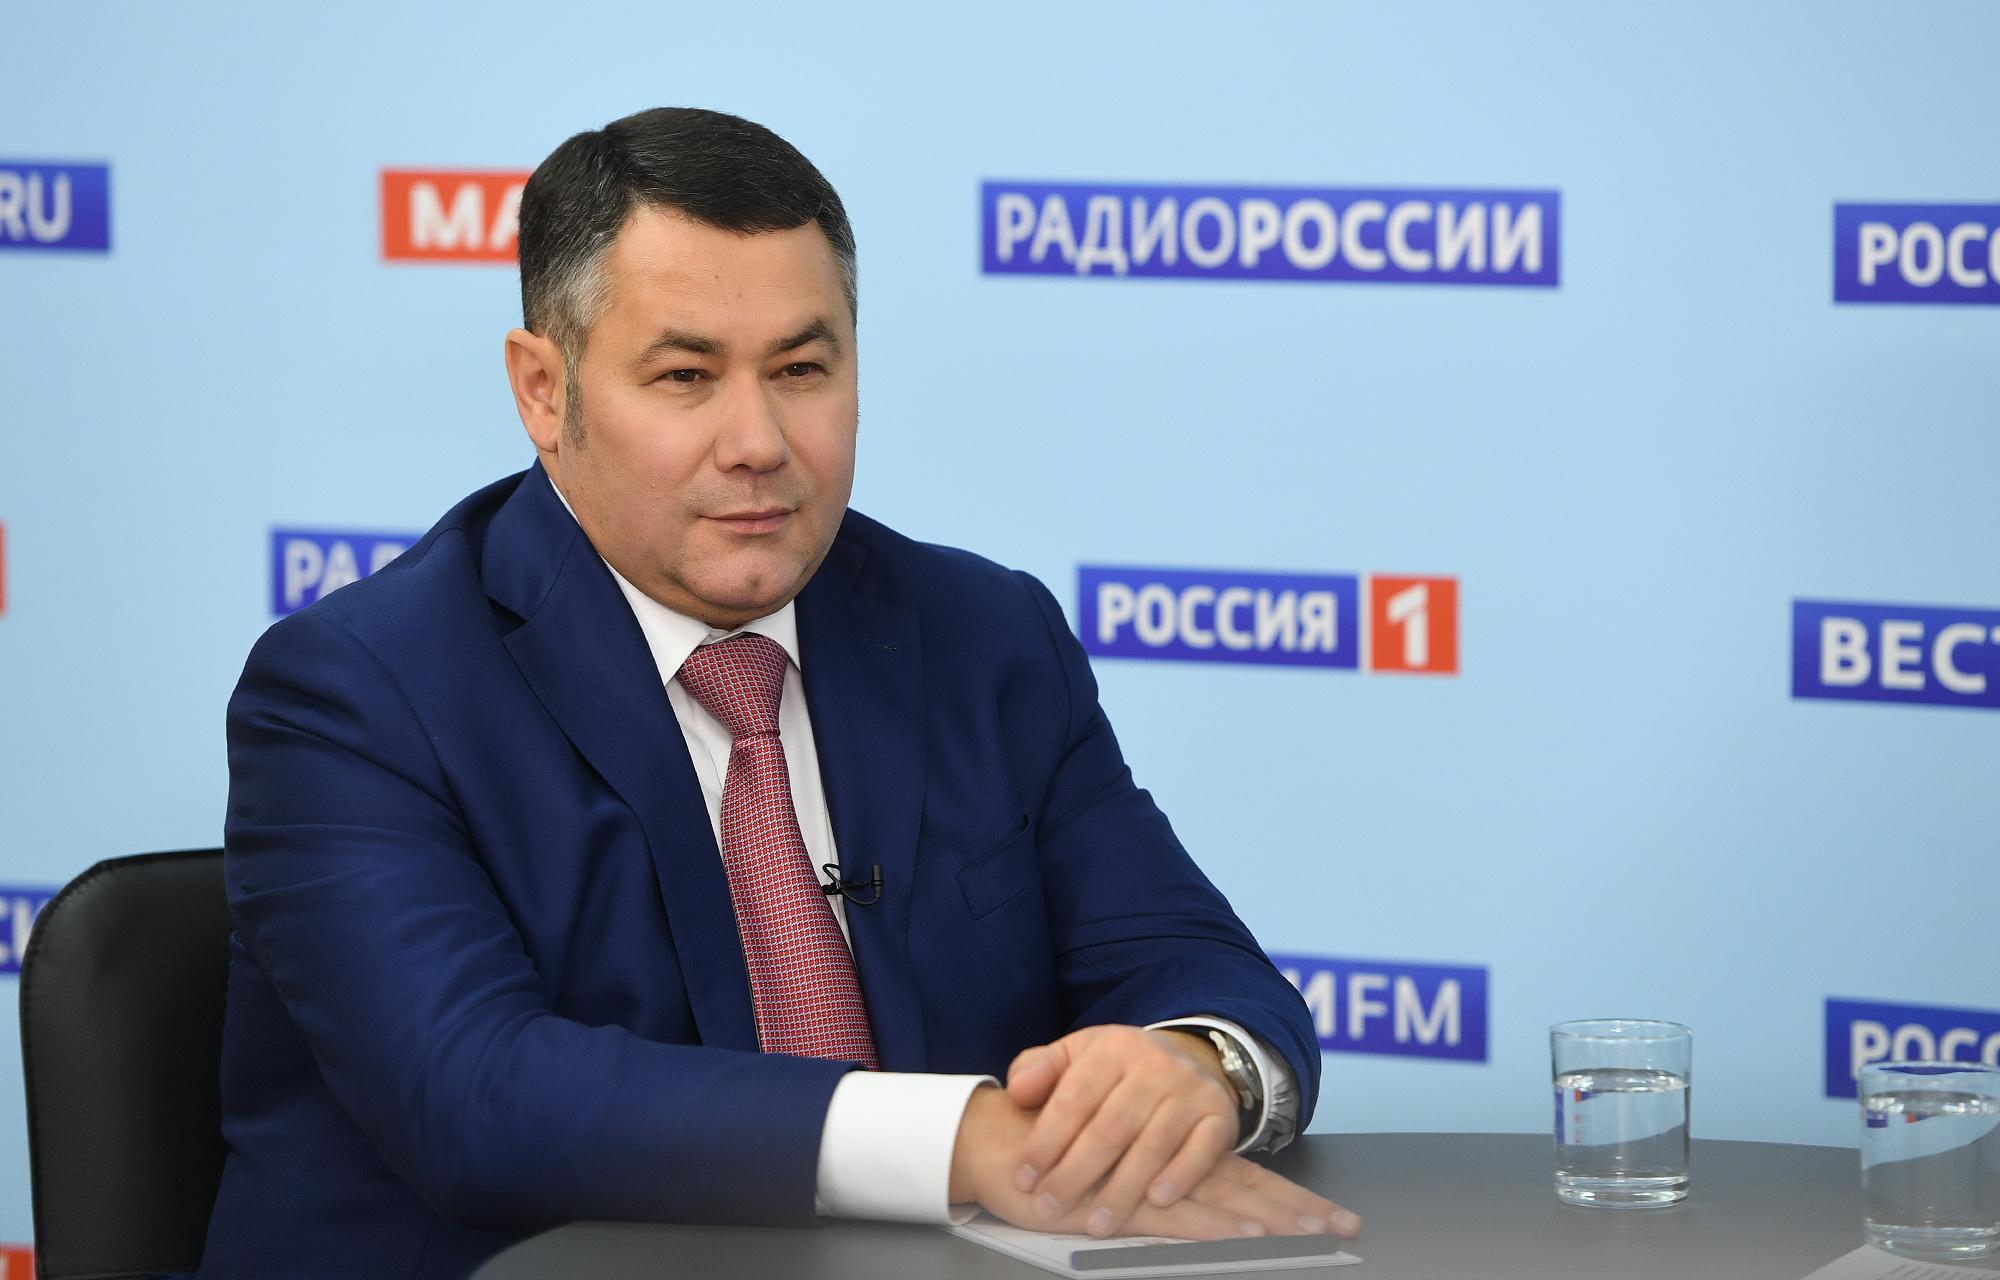 Игорь Руденя вспомнил о первых днях на посту губернатора Тверской области